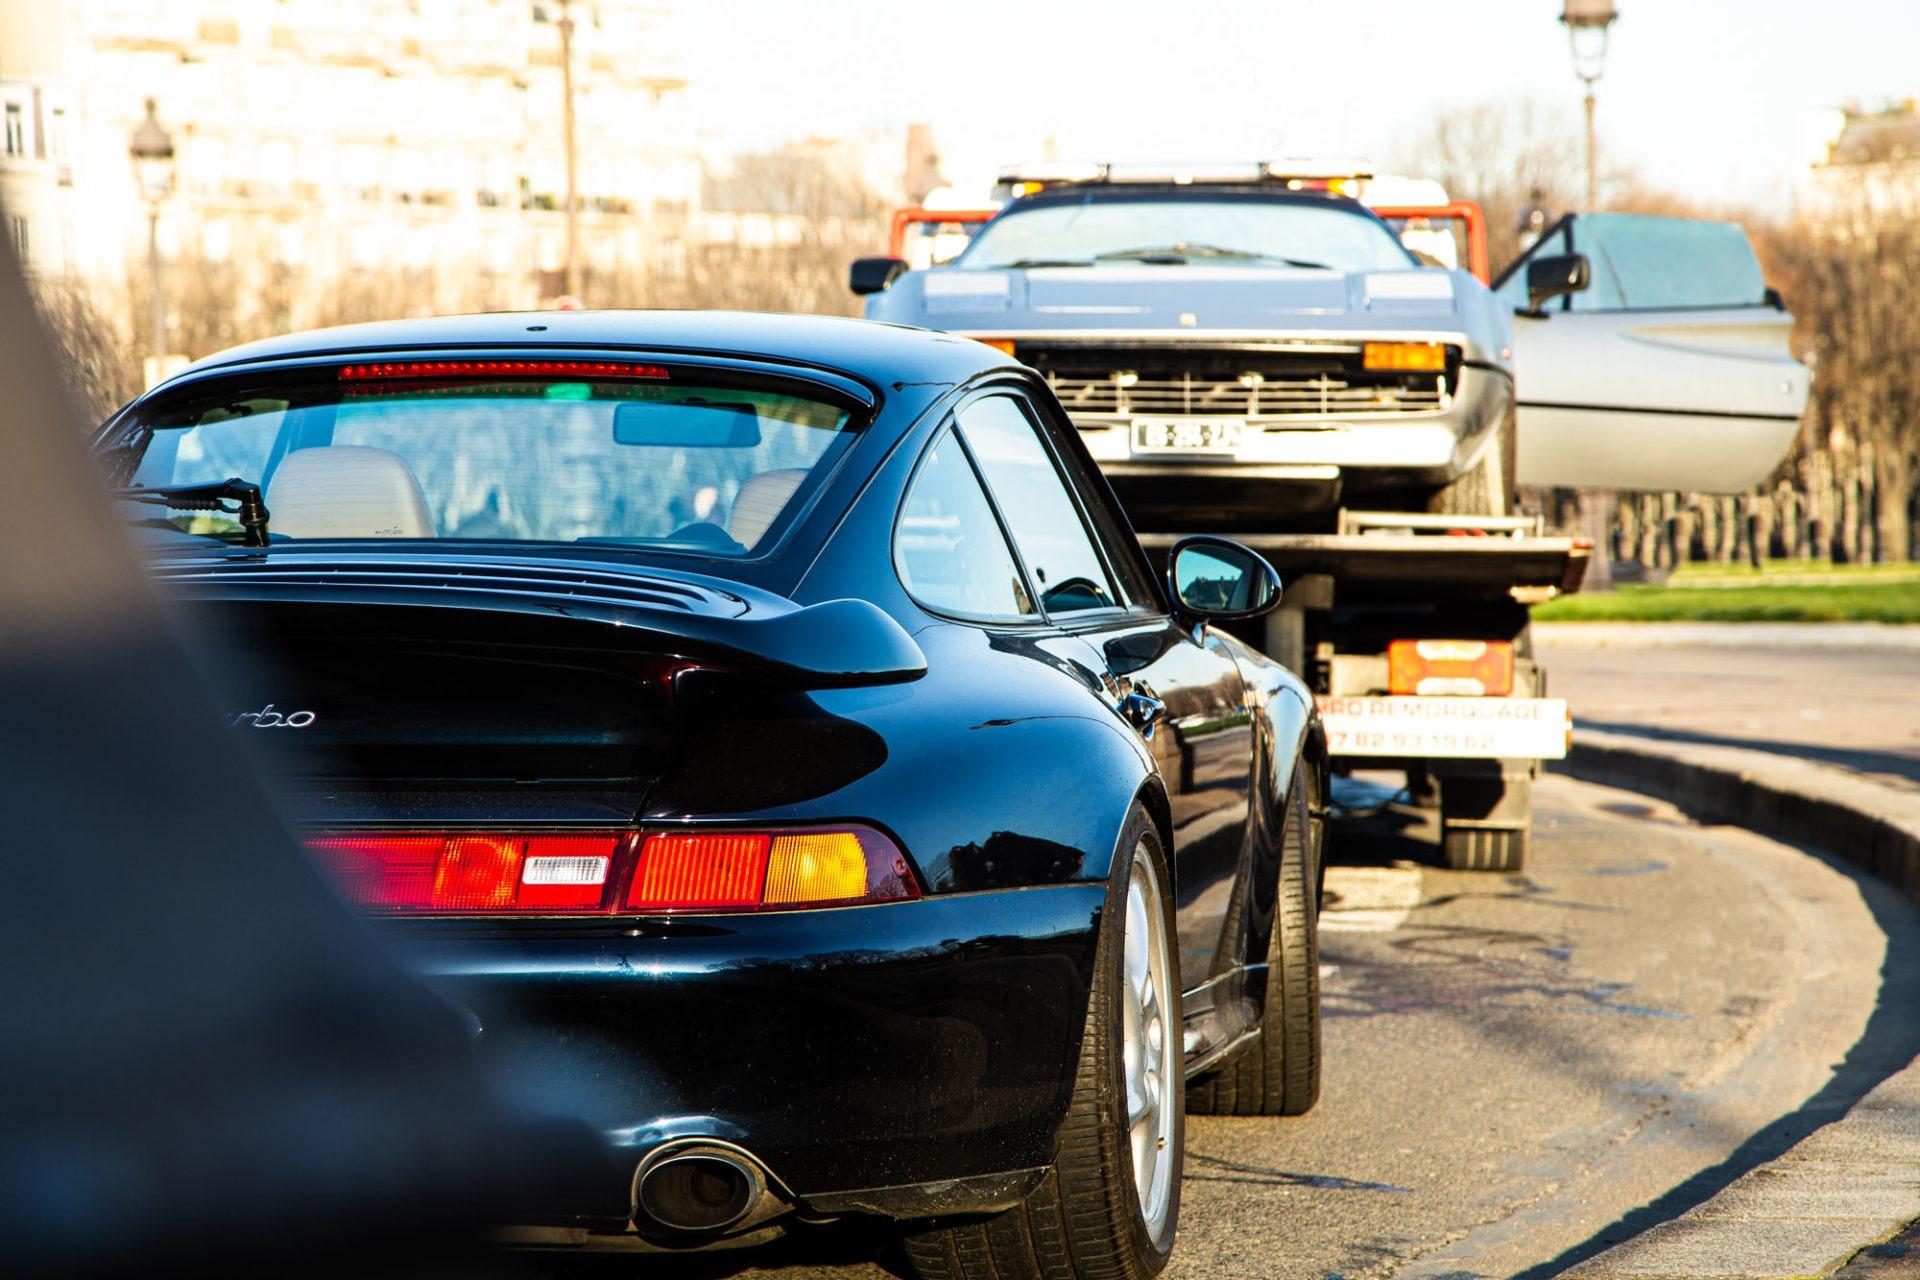 Porsche 911 Type 993 Turbo et Ferrari 308 GTS